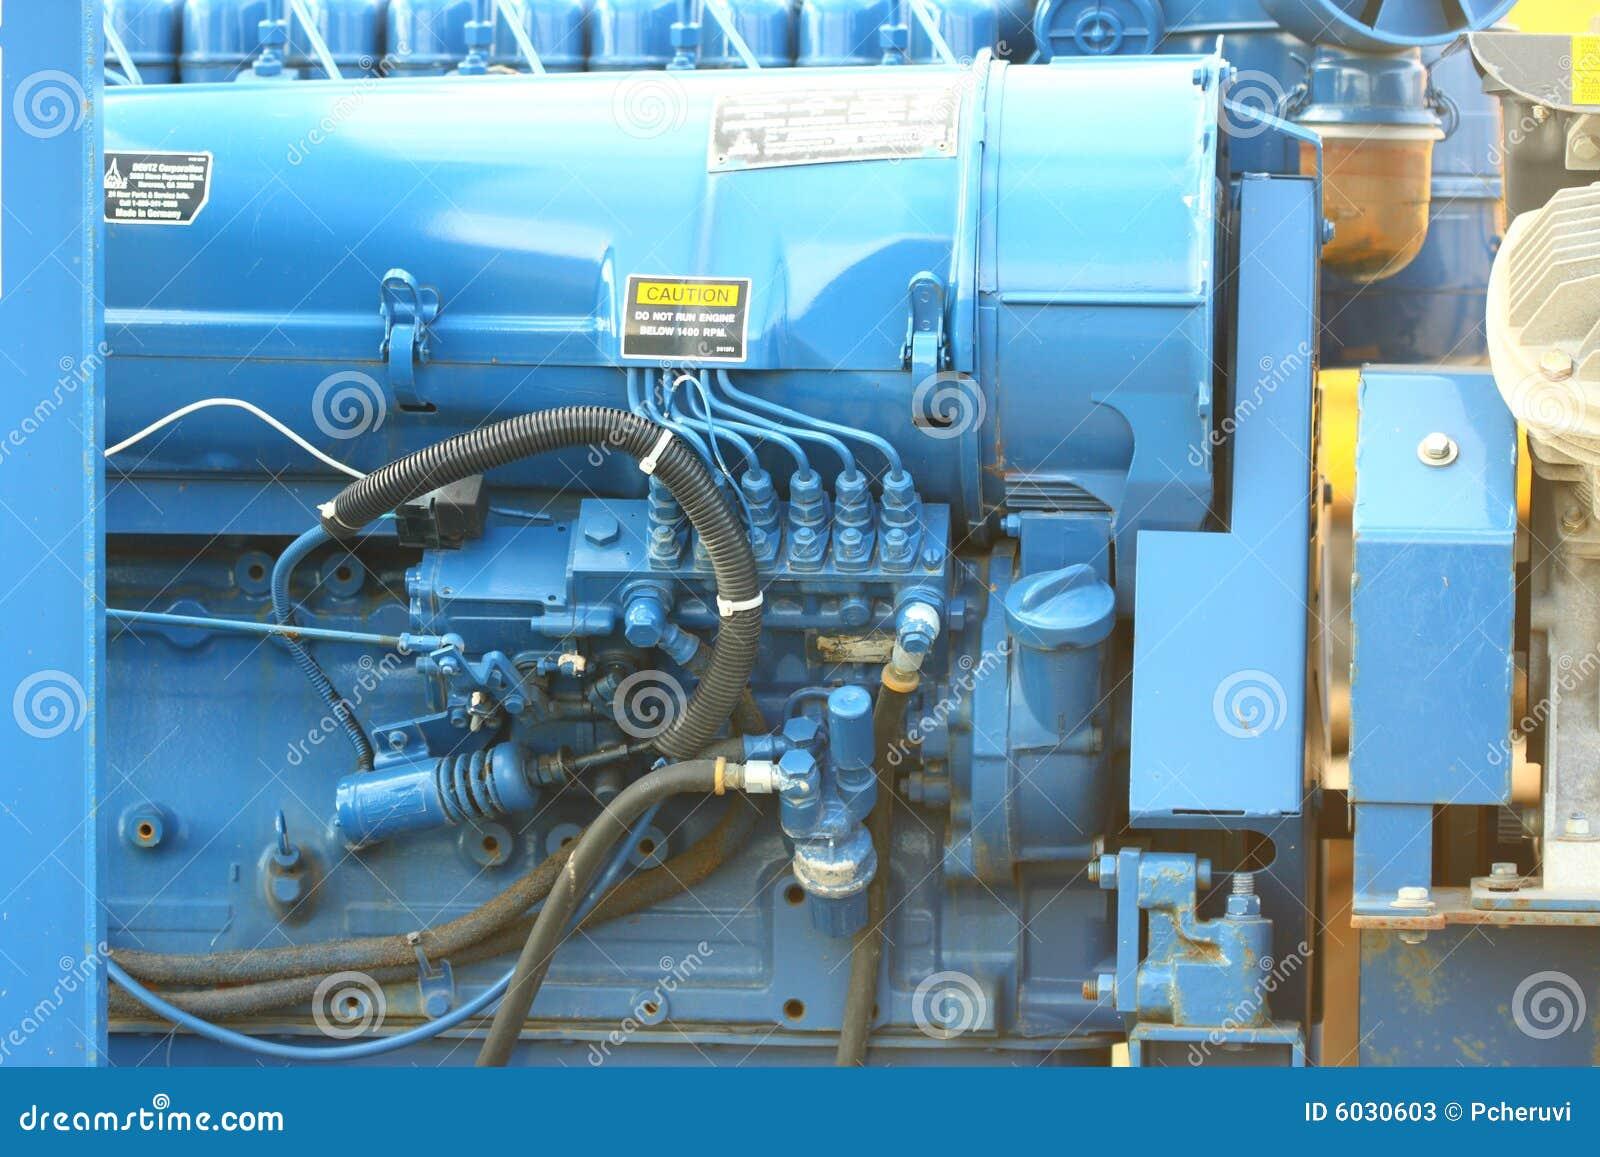 Kühlschrank Verdichter Aufbau : Kompressormotor stockbild. bild von seite verdichter 6030603